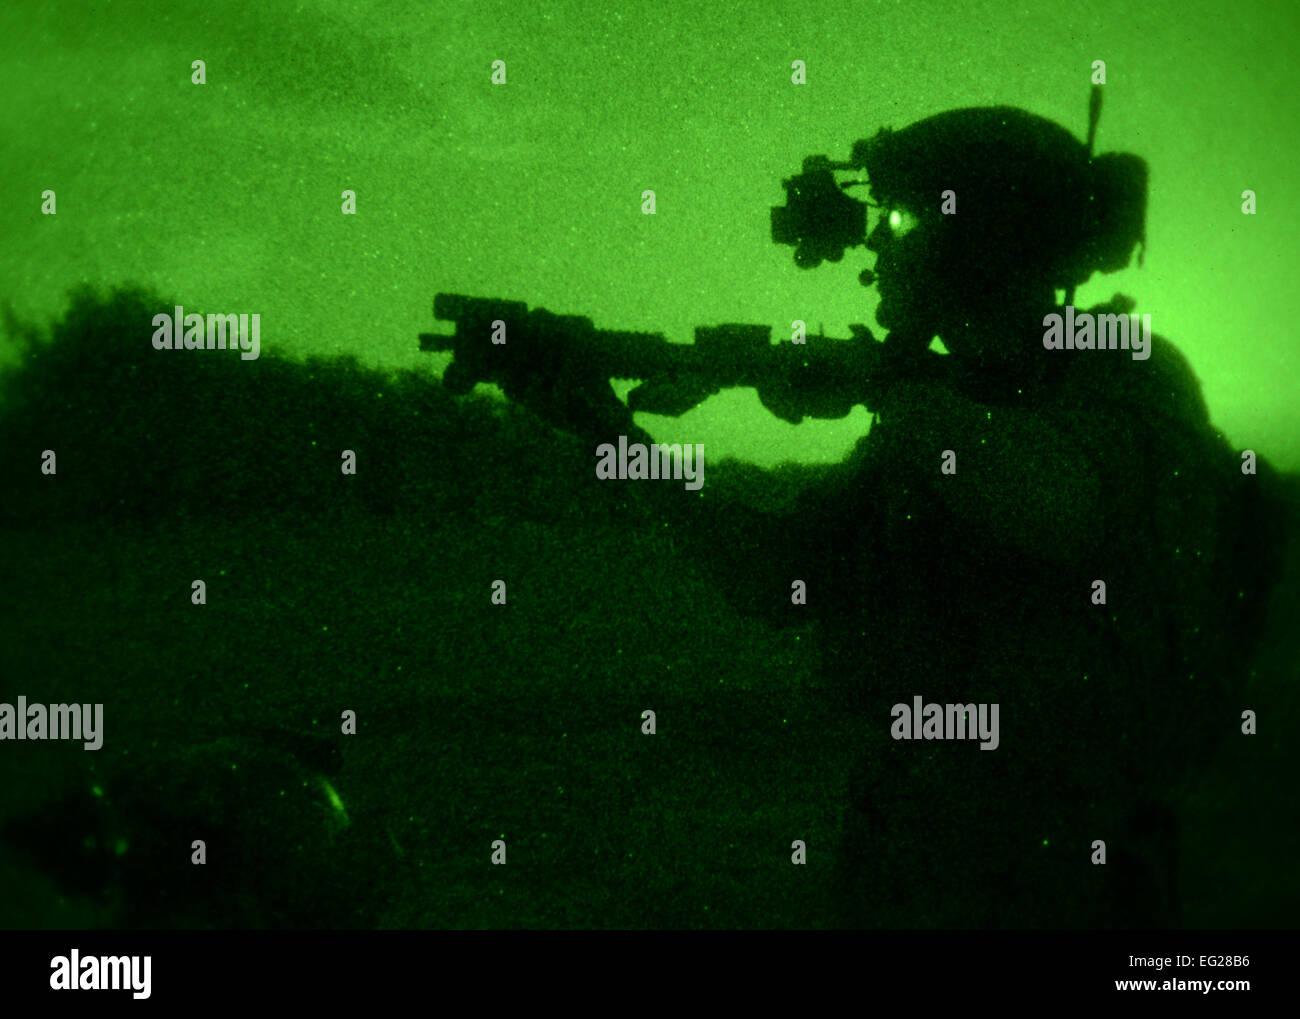 A U S  Air Force Air Commando aims his weapon to designate a